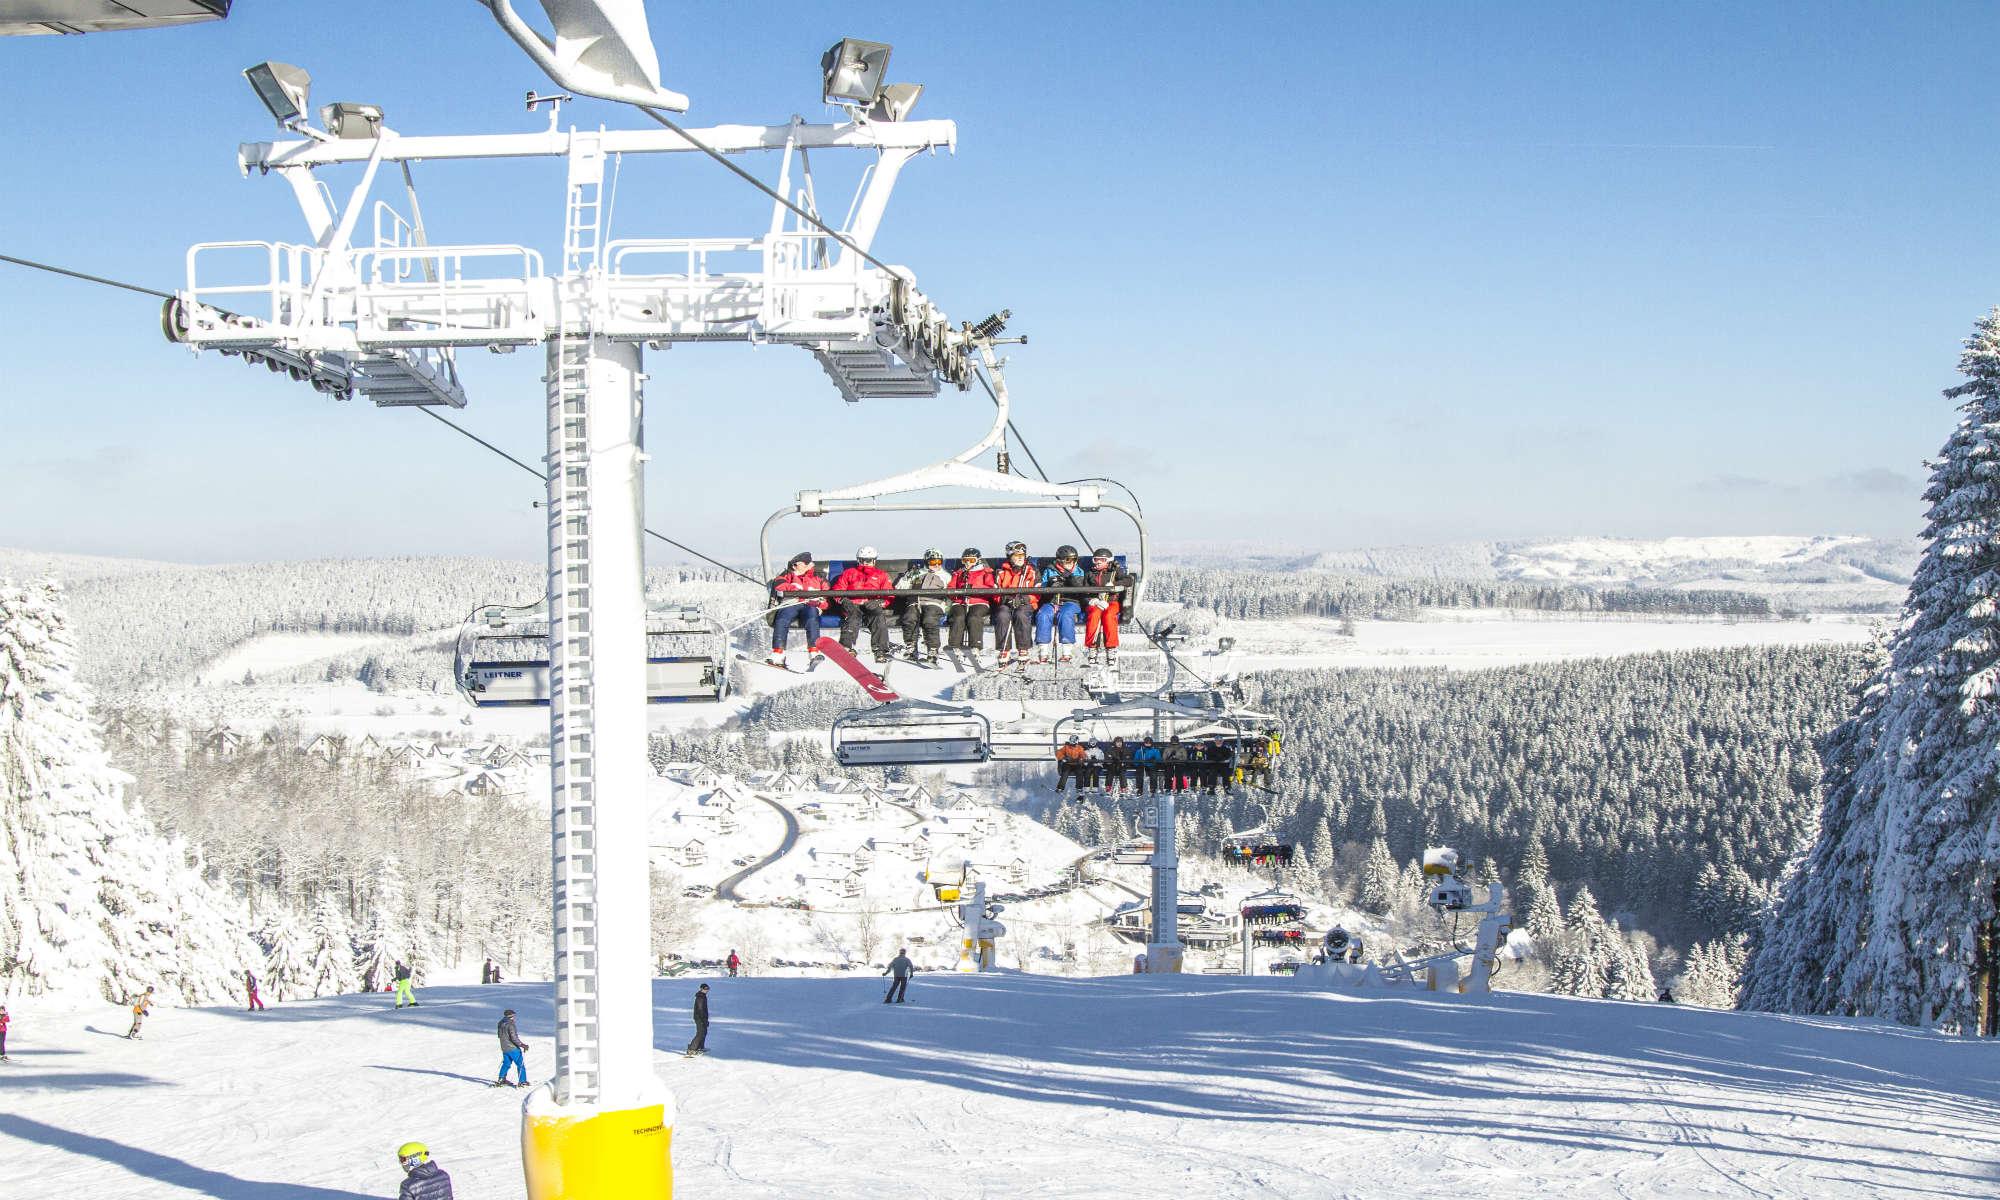 Blik op een stoeltjeslift en een winters landschap in het skigebied van Winterberg.